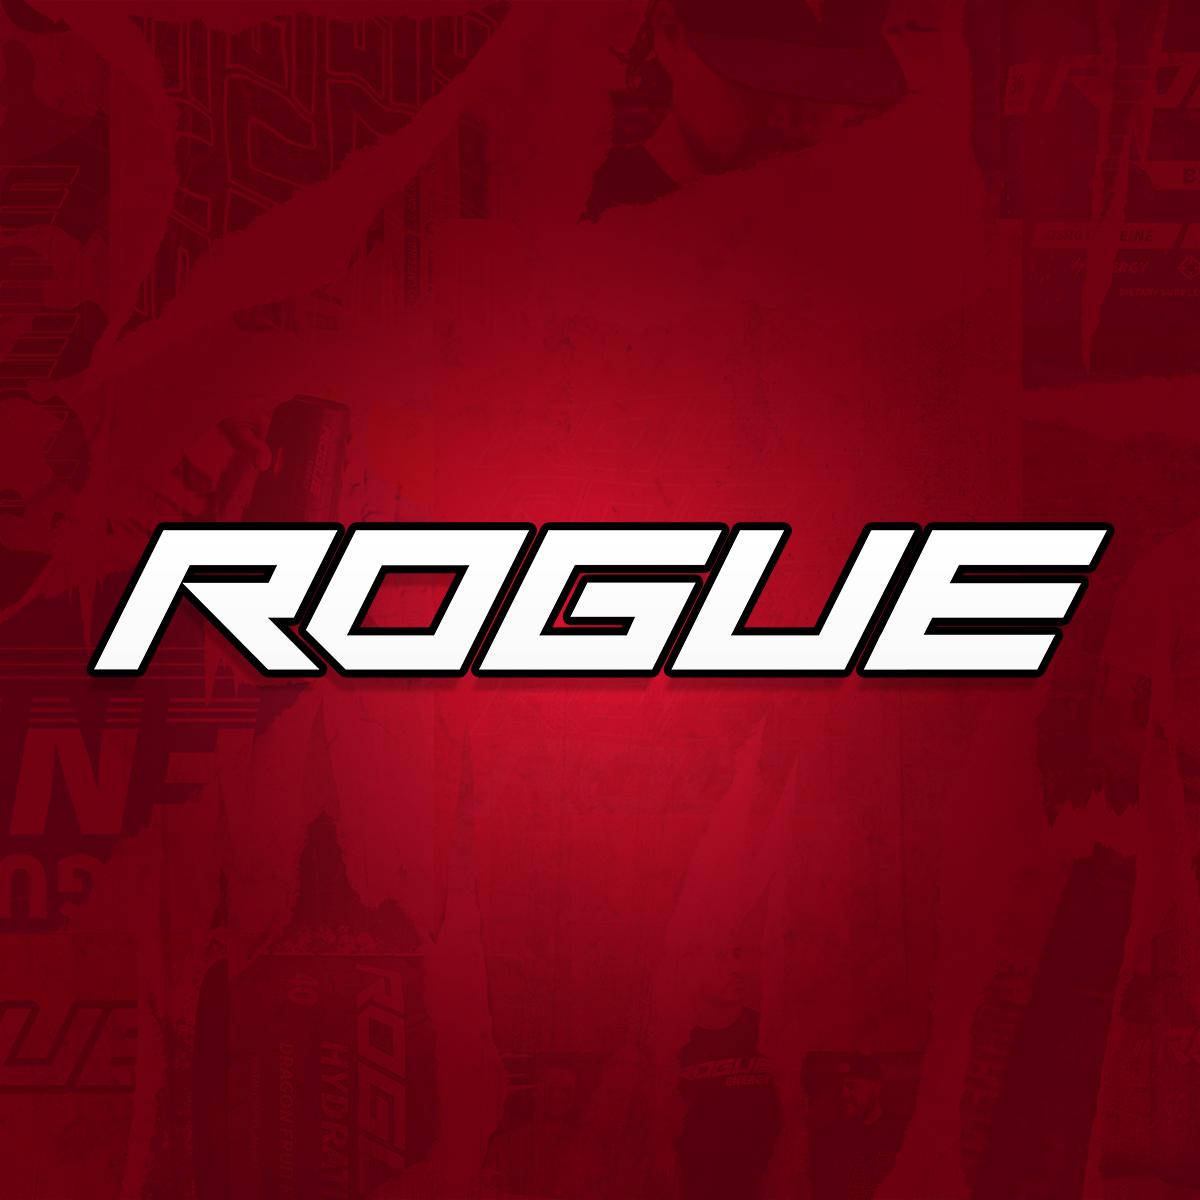 Rogue Energy Gaming Drink Gaming Sponsorships